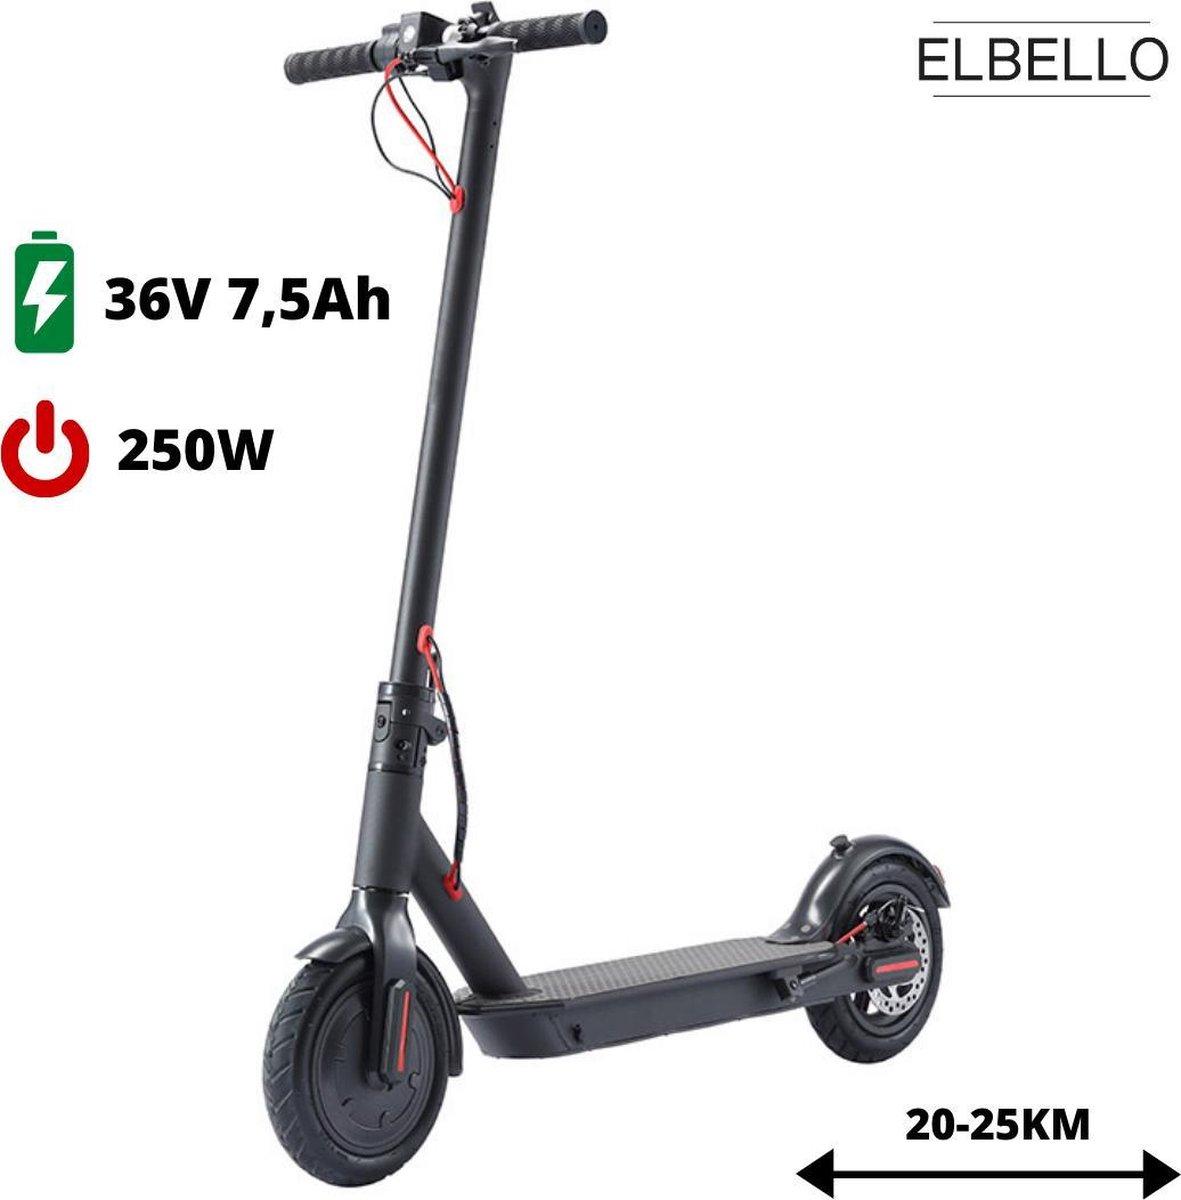 ELBELLO H7 - Elektrische step - 25km/h - 250W (350W piek voor bergop) - opvouwbaar - xiaomi look